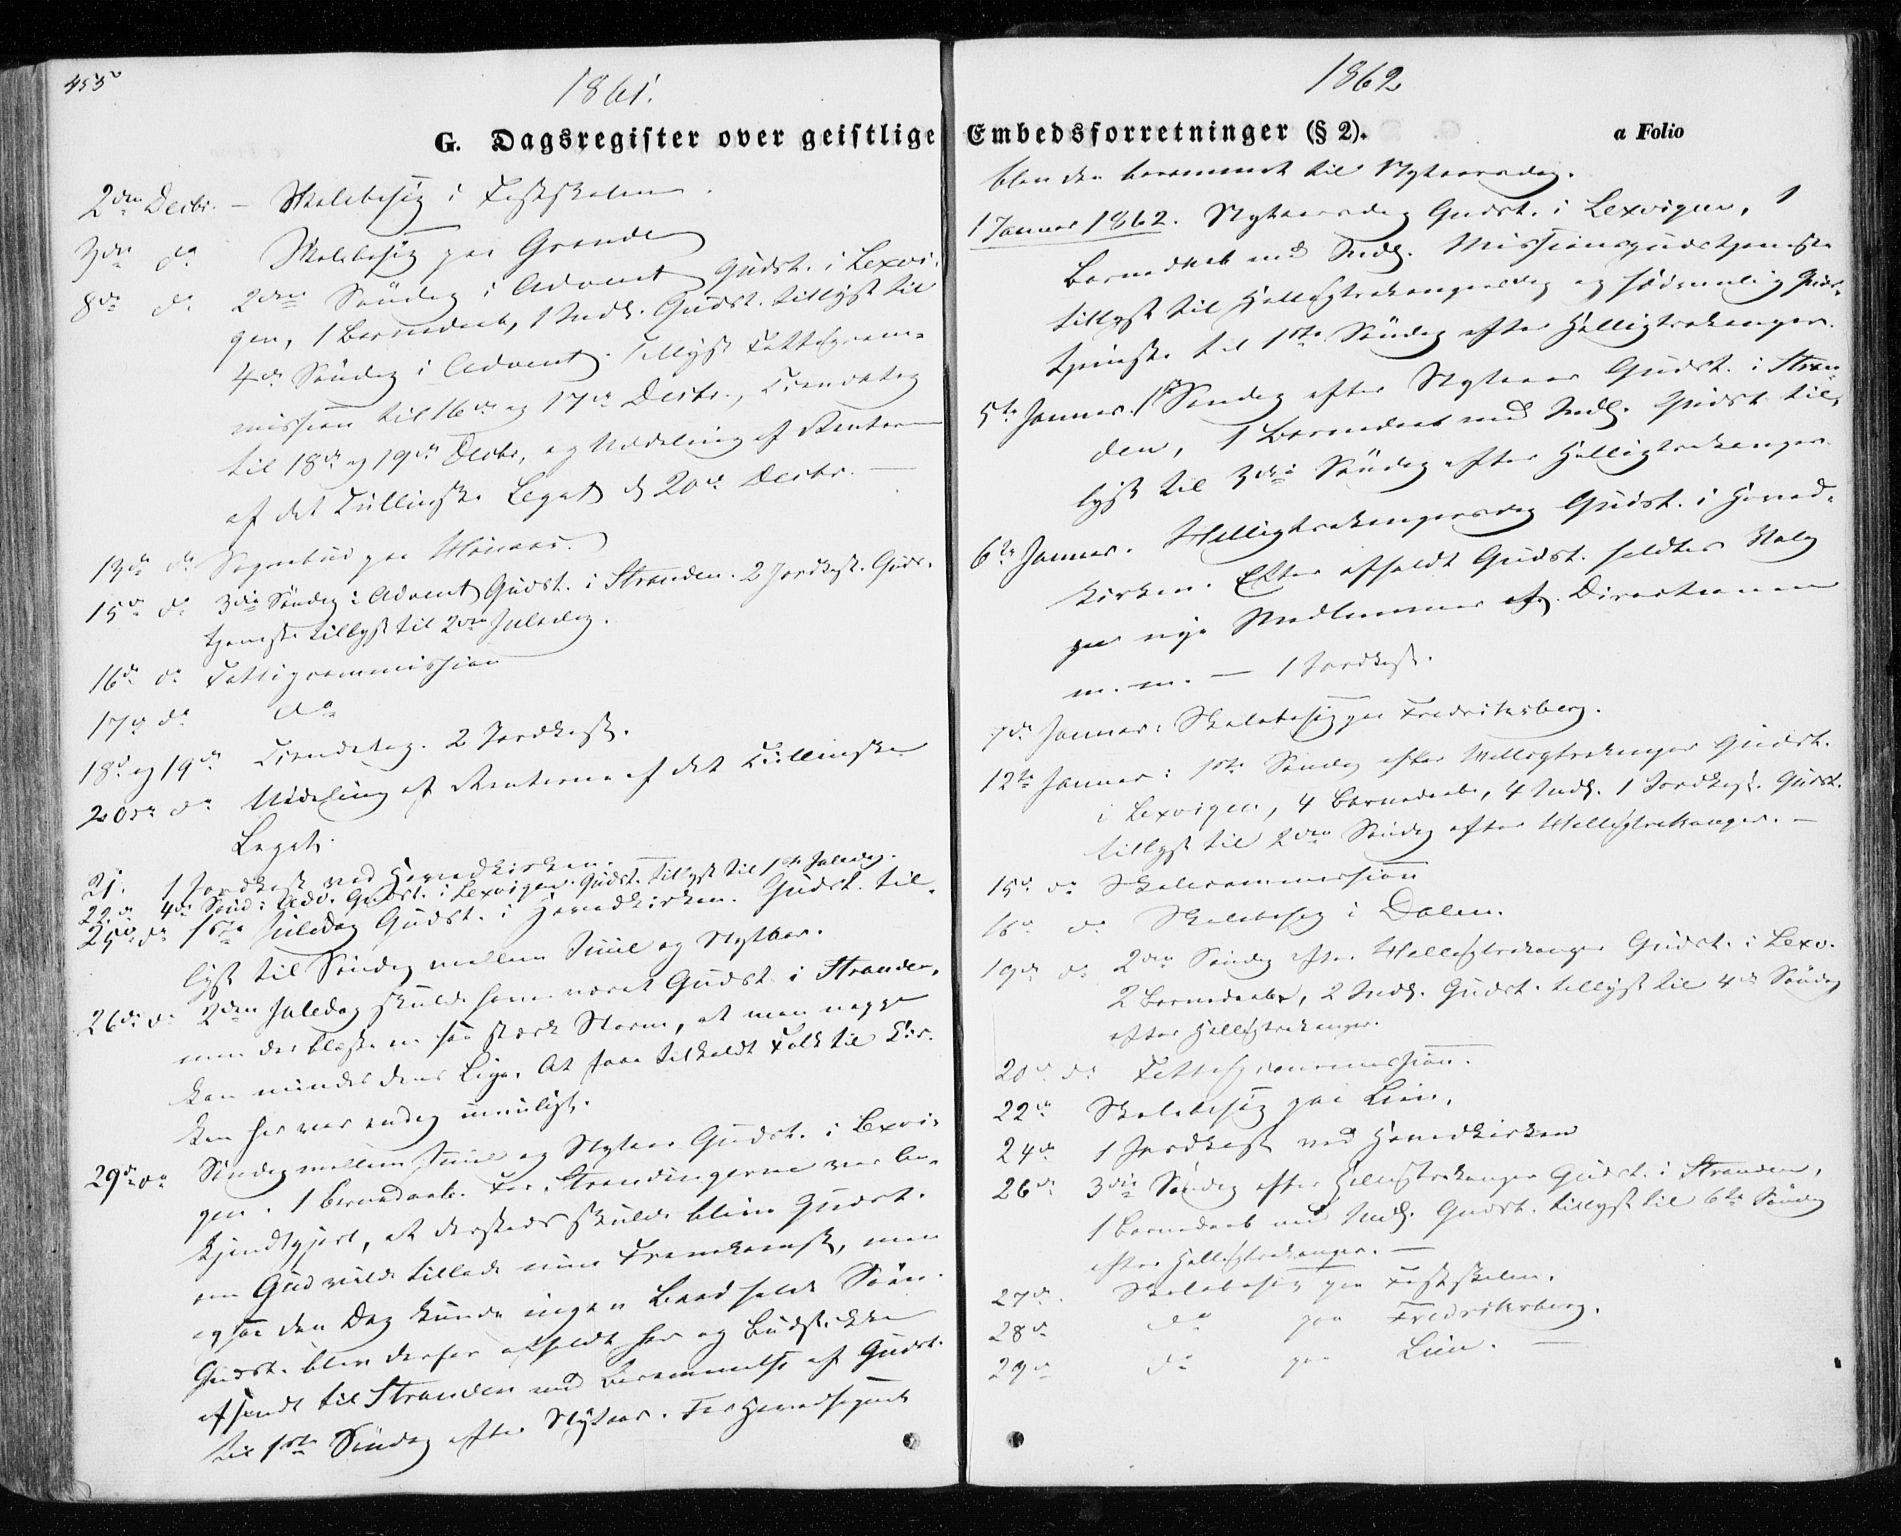 SAT, Ministerialprotokoller, klokkerbøker og fødselsregistre - Nord-Trøndelag, 701/L0008: Parish register (official) no. 701A08 /1, 1854-1863, p. 455